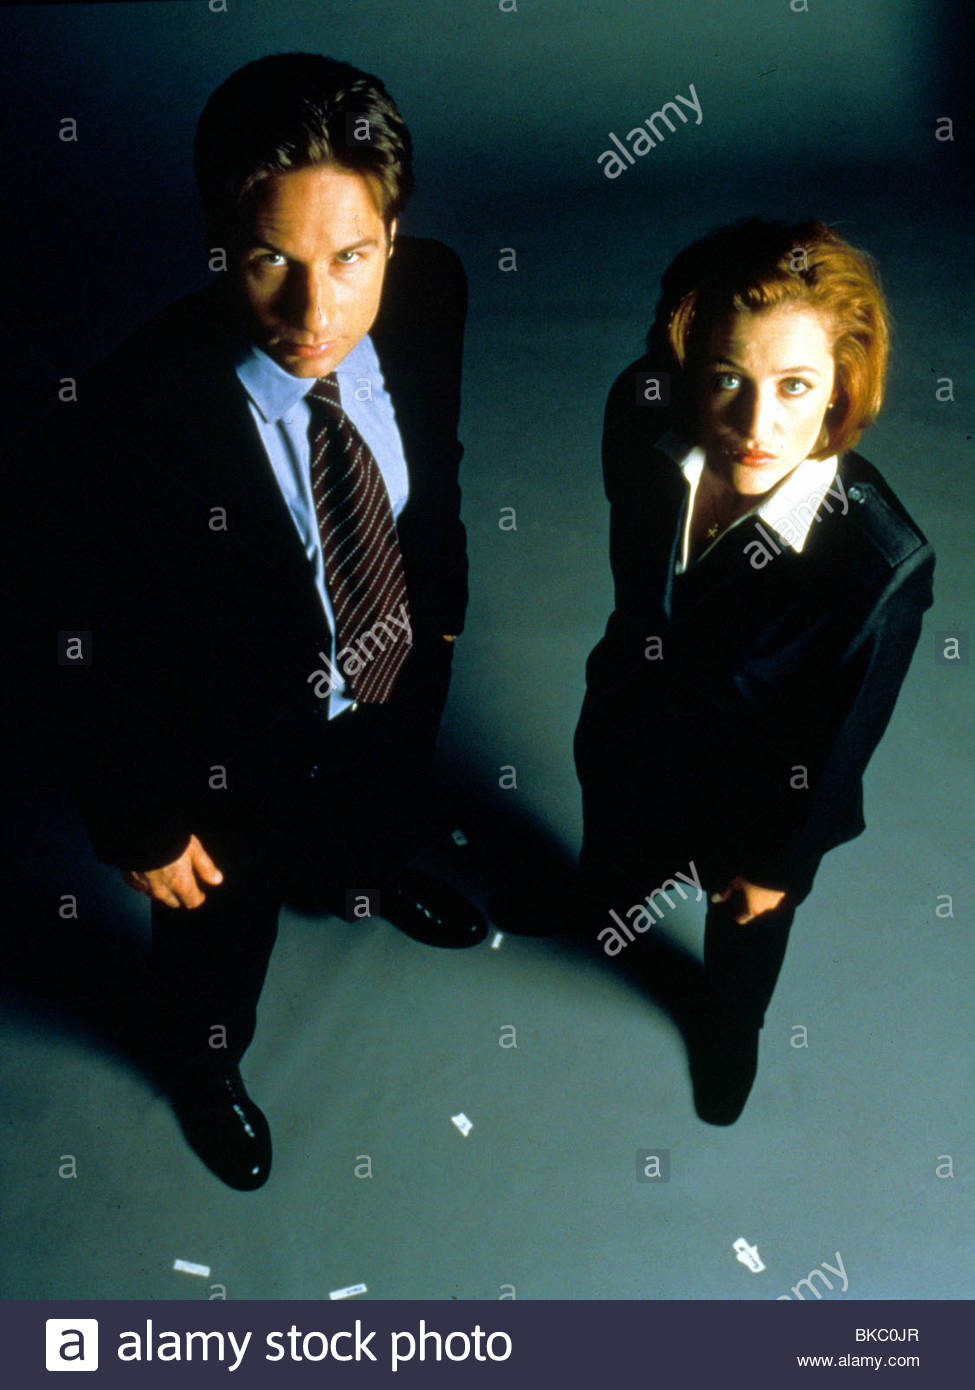 THE X-FILES (TV) DAVID DUCHOVNY, GILLIAN ANDERSON XFIL 321 Stock Photo